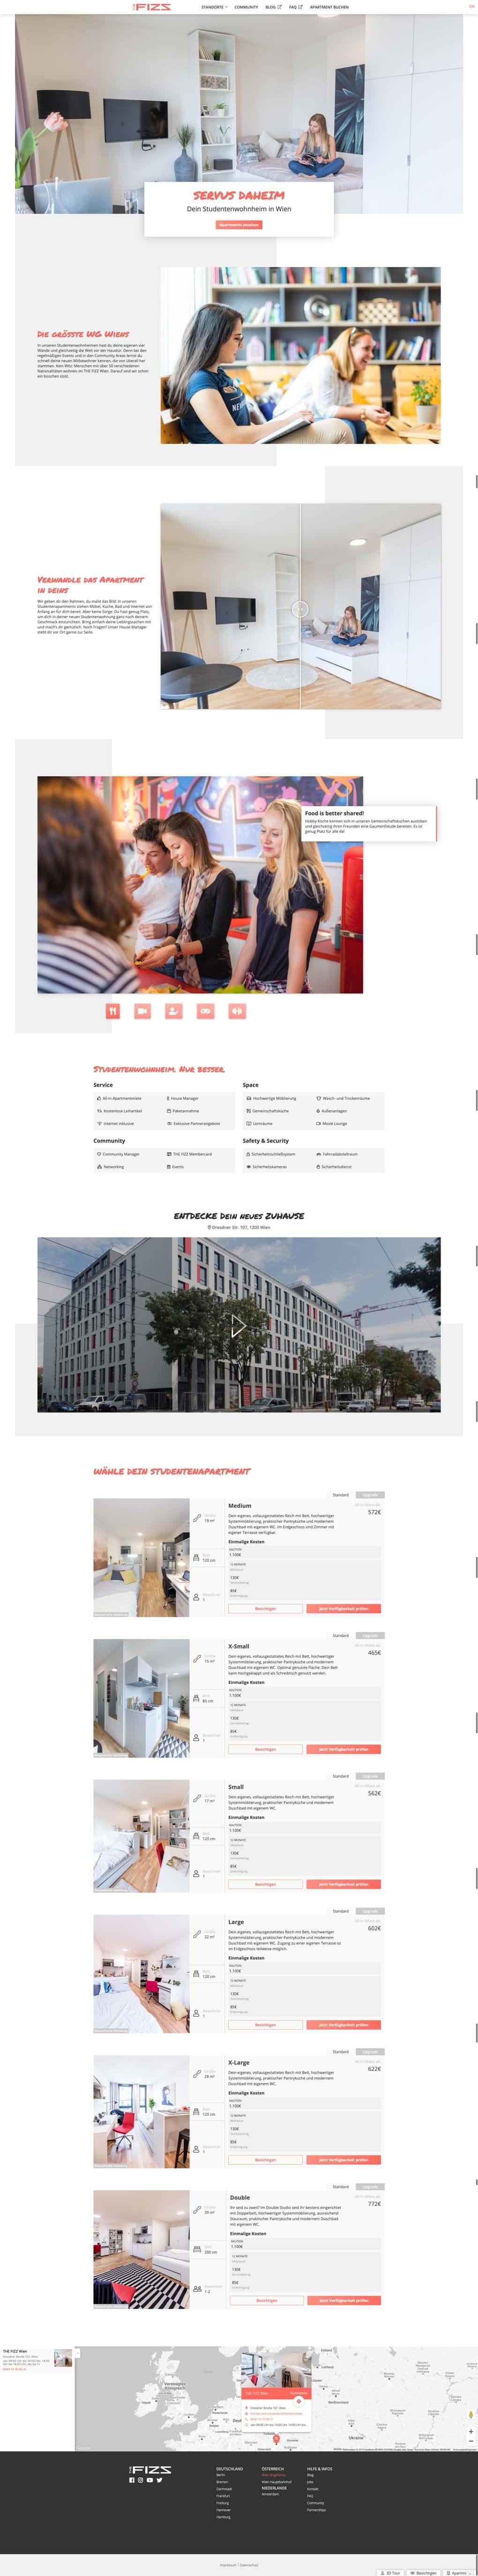 Komplettes Layout einer Standortseite von THE FIZZ in der Desktopansicht